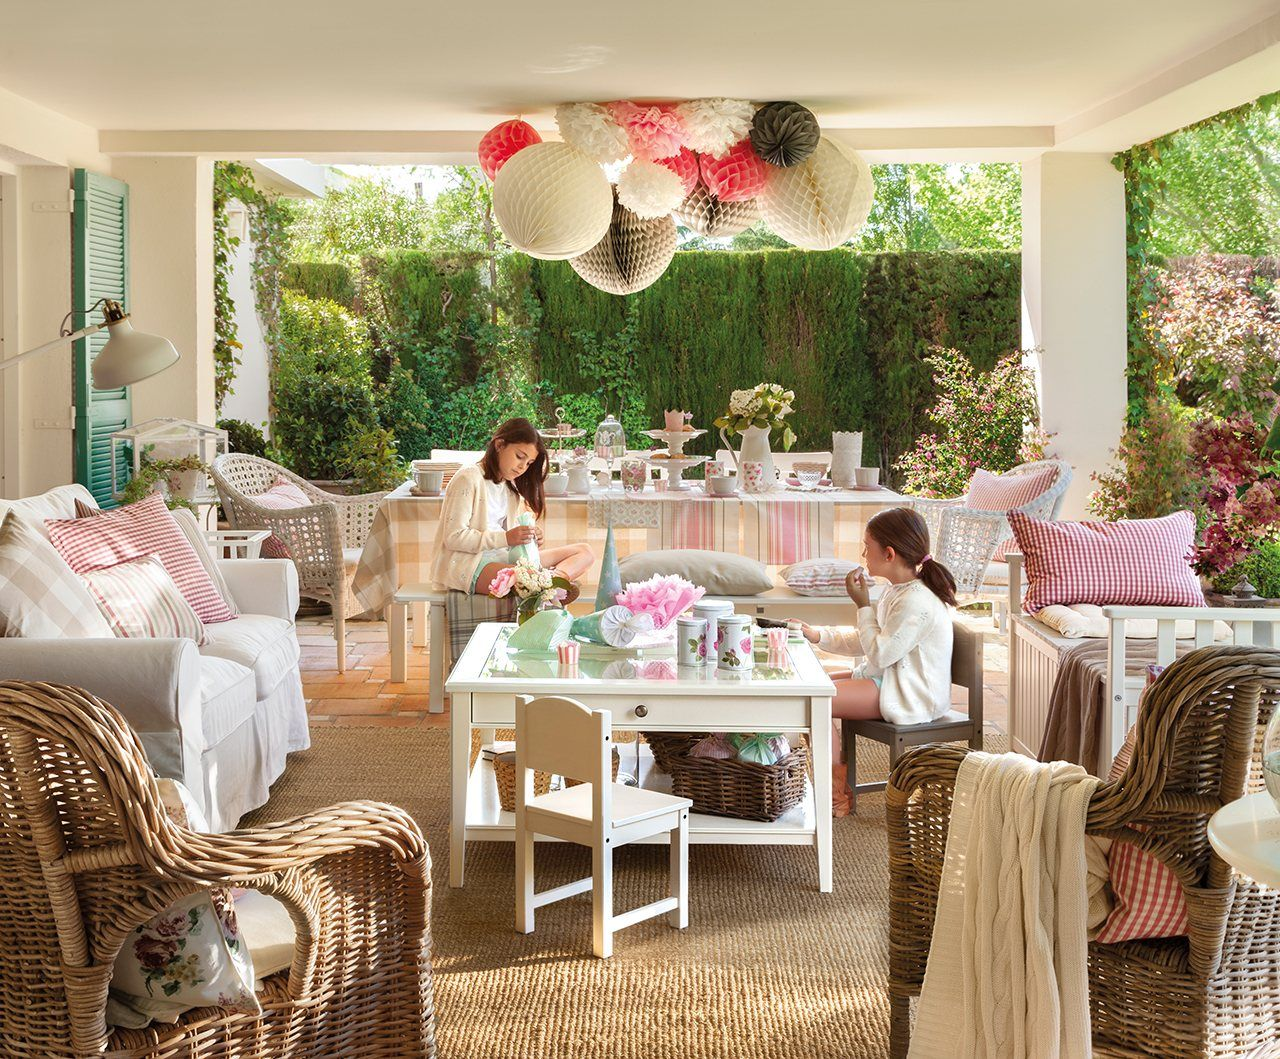 Porche terraza piscina vive el exterior estancias for Decorar porche ikea